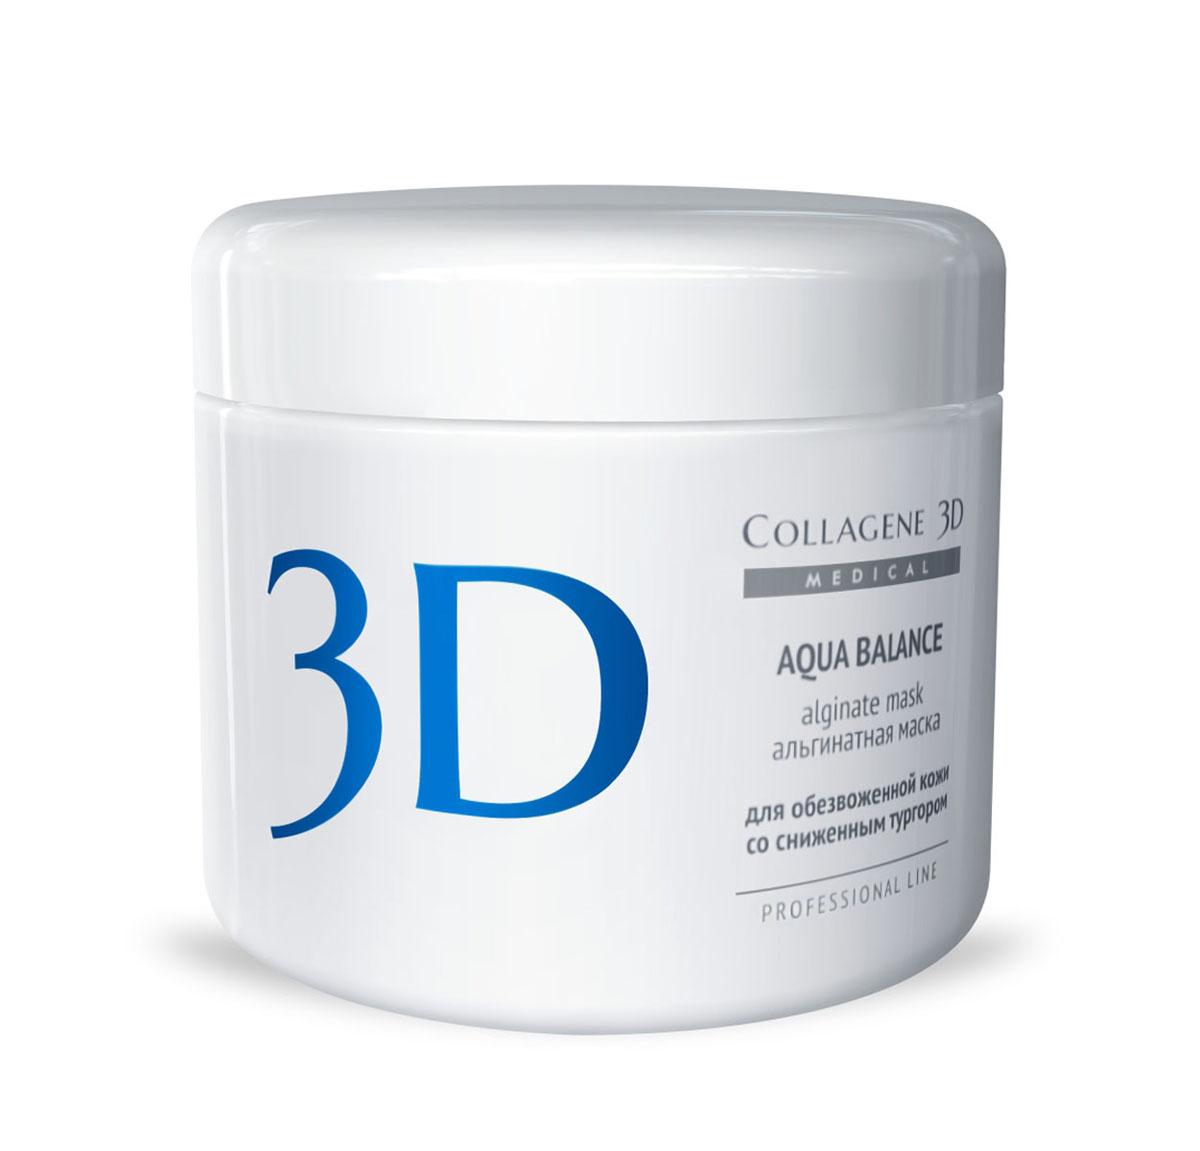 Medical Collagene 3D Альгинатная маска для лица и тела Aqua Balance, 200 гFS-00897Высокоэффективная, пластифицирующая маска на основе лучшего натурального сырья. Гиалуроновая кислота которая является активным компонентом маски, способствует нормализации водного баланса, заполняя морщины изнутри.